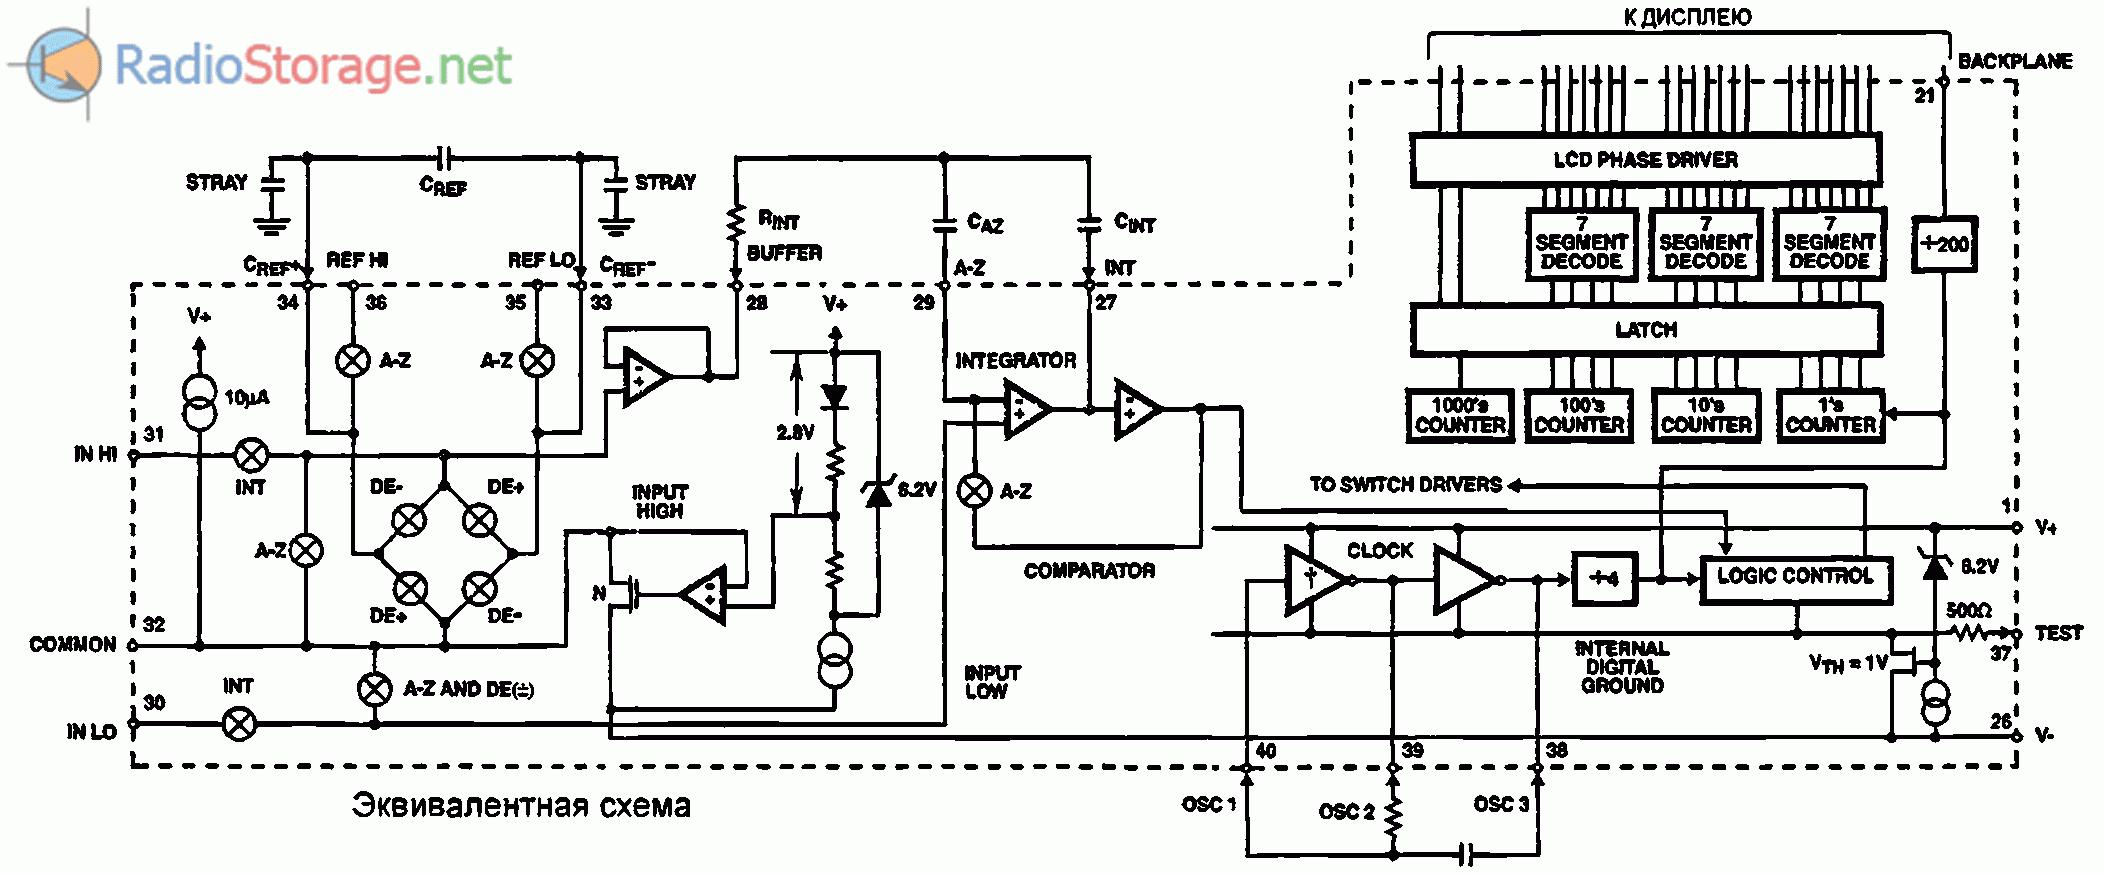 Эквивалентная схема микросхемы-АЦП ICL7106